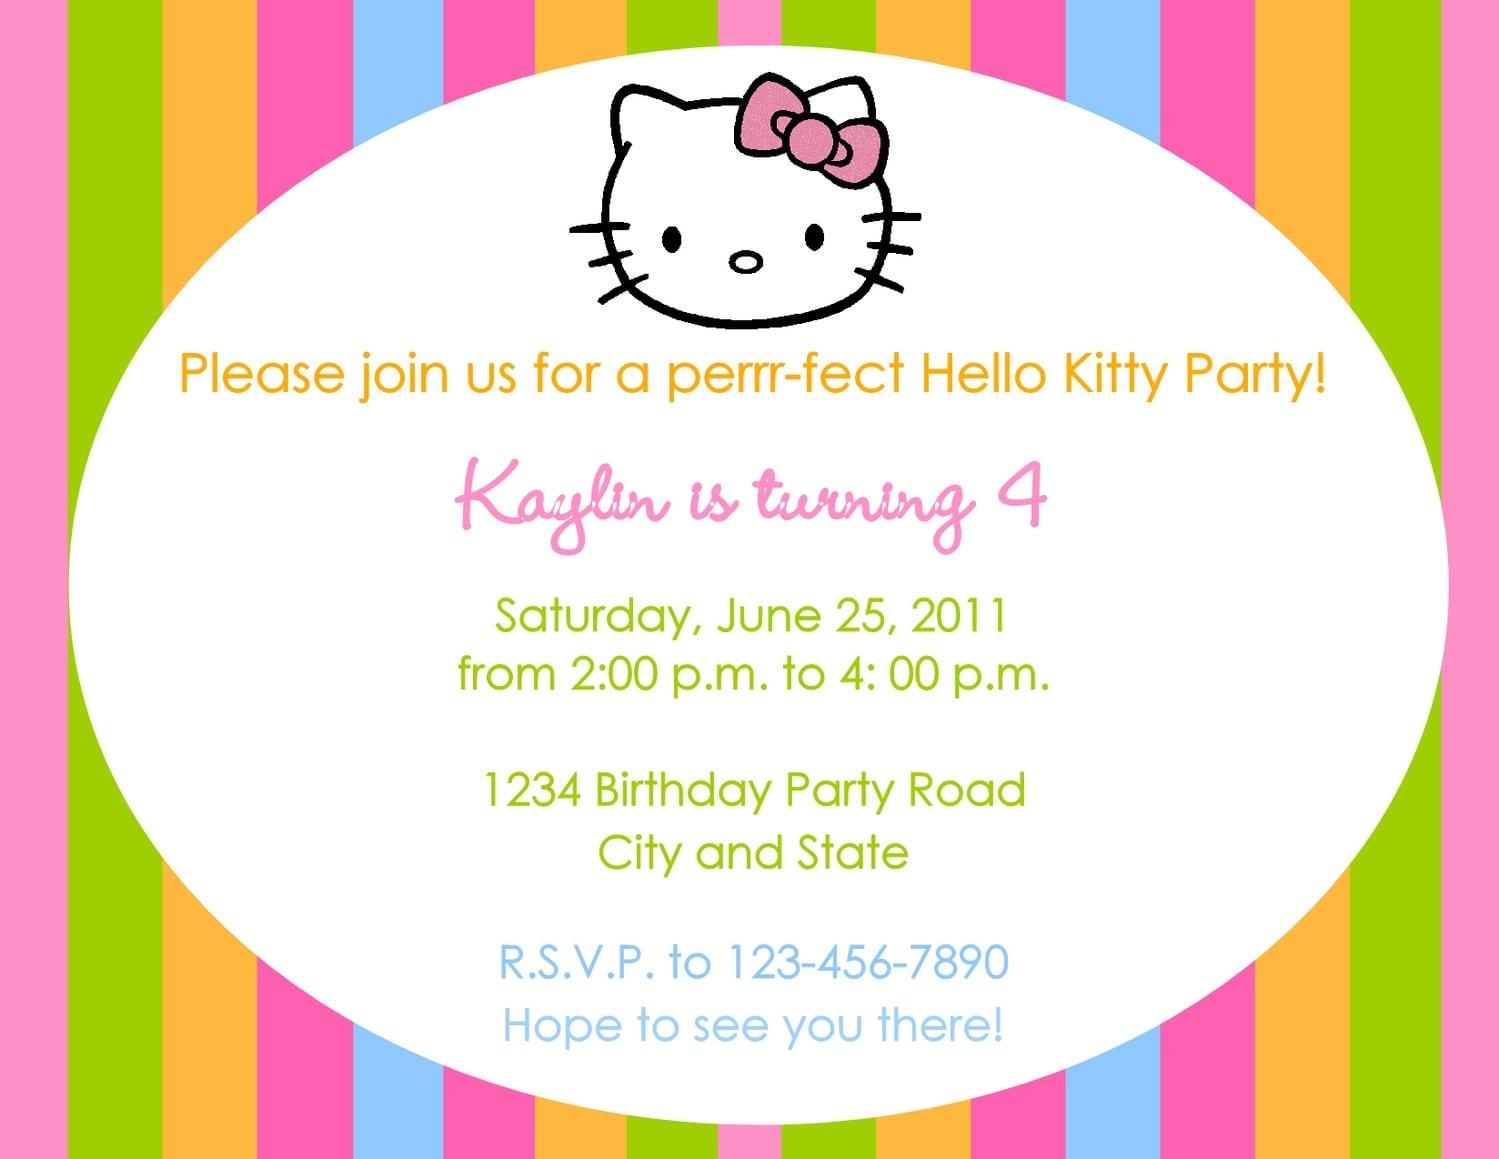 Birthday Party Invite Wording